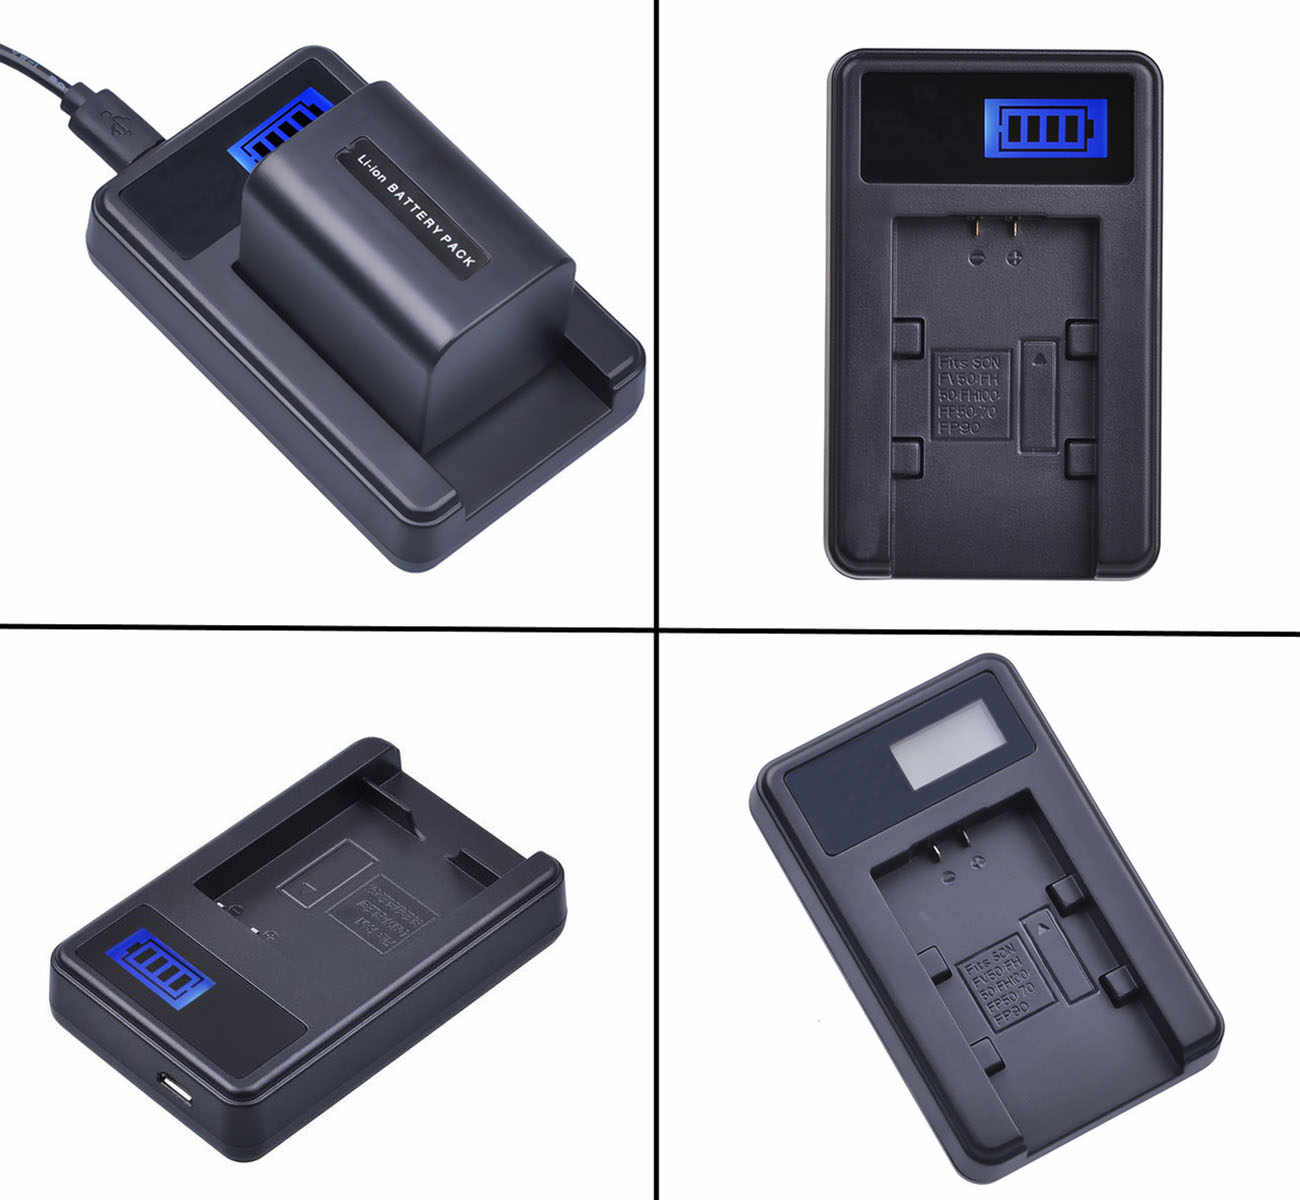 LCD Fast Battery Charger for Sony DCR-HC20 DCR-HC23 DCR-HC20E DCR-HC21 DCR-HC21E DCR-HC23E Handycam Camcorder DCR-HC22E DCR-HC22